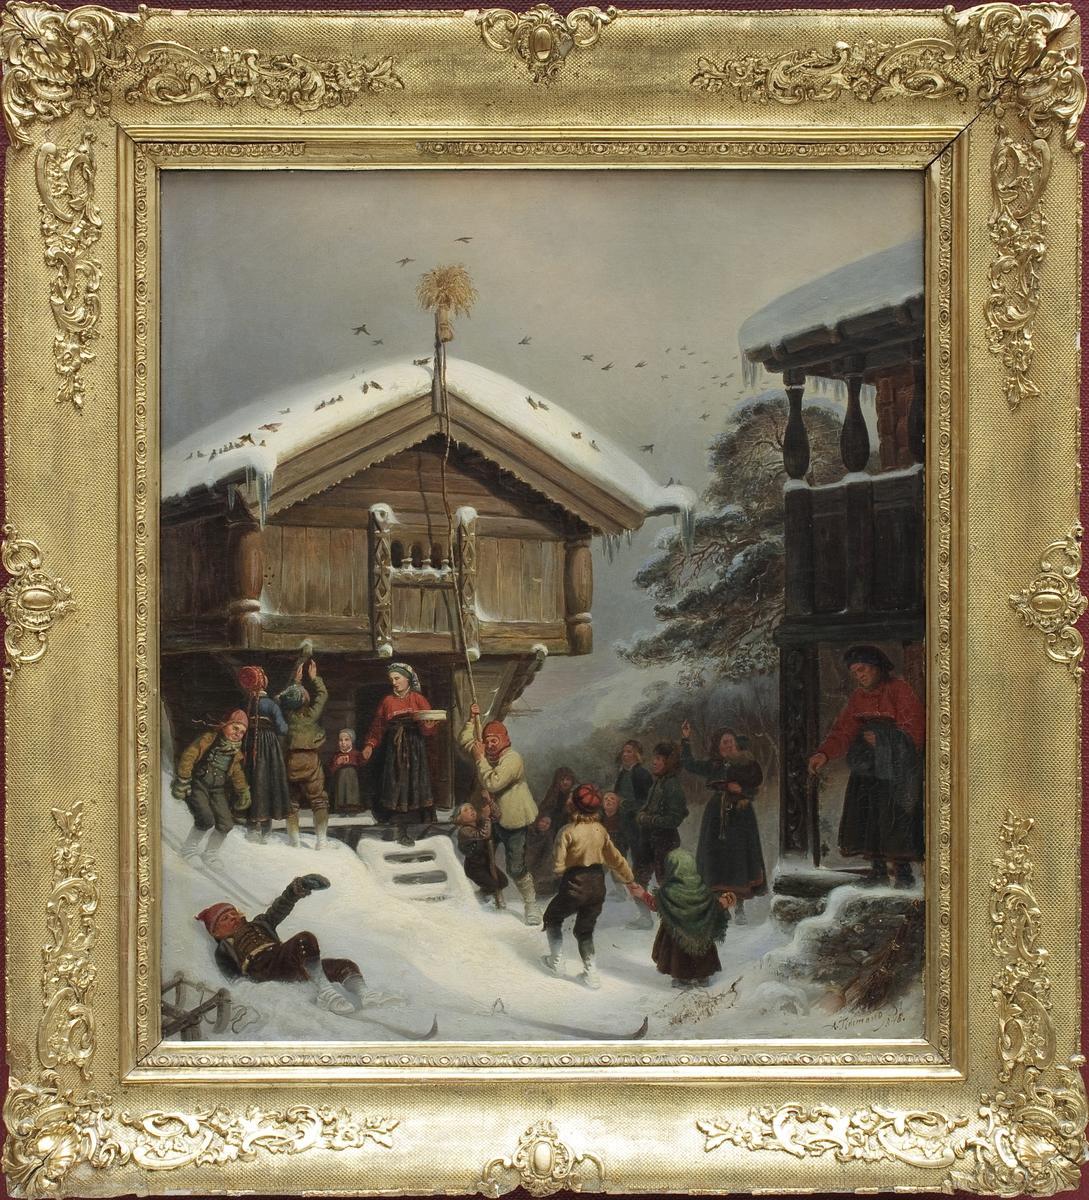 Skildring av tradisjonell julefeiring i bygdenorge